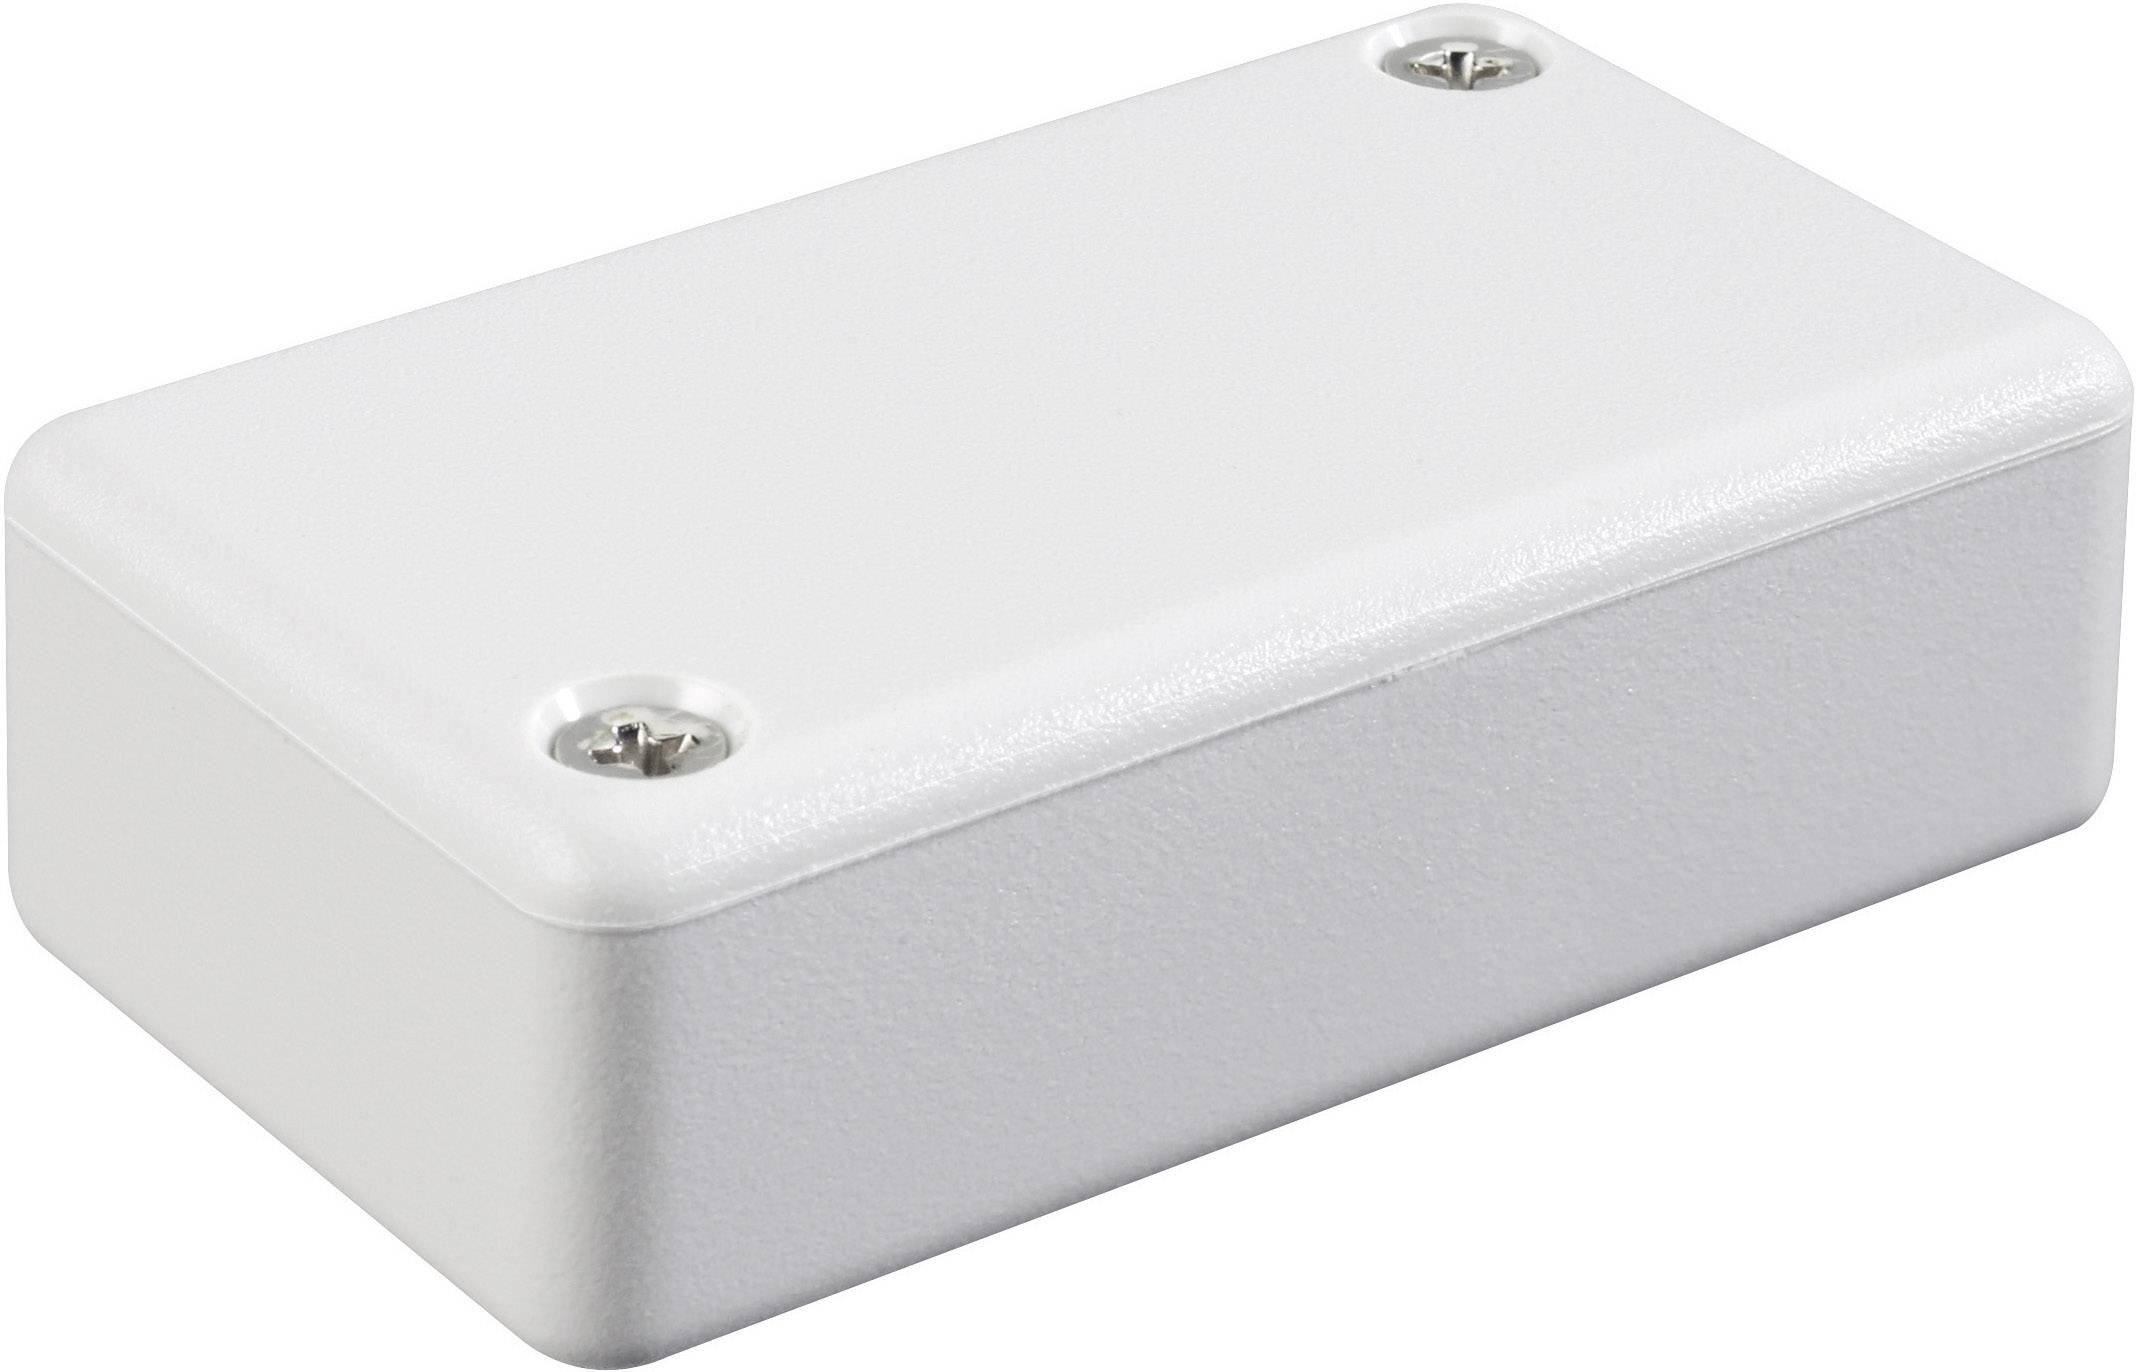 Euro krabice Hammond Electronics 1551KBK 1551KBK, 80 x 40 x 20 , ABS, čierna, 1 ks